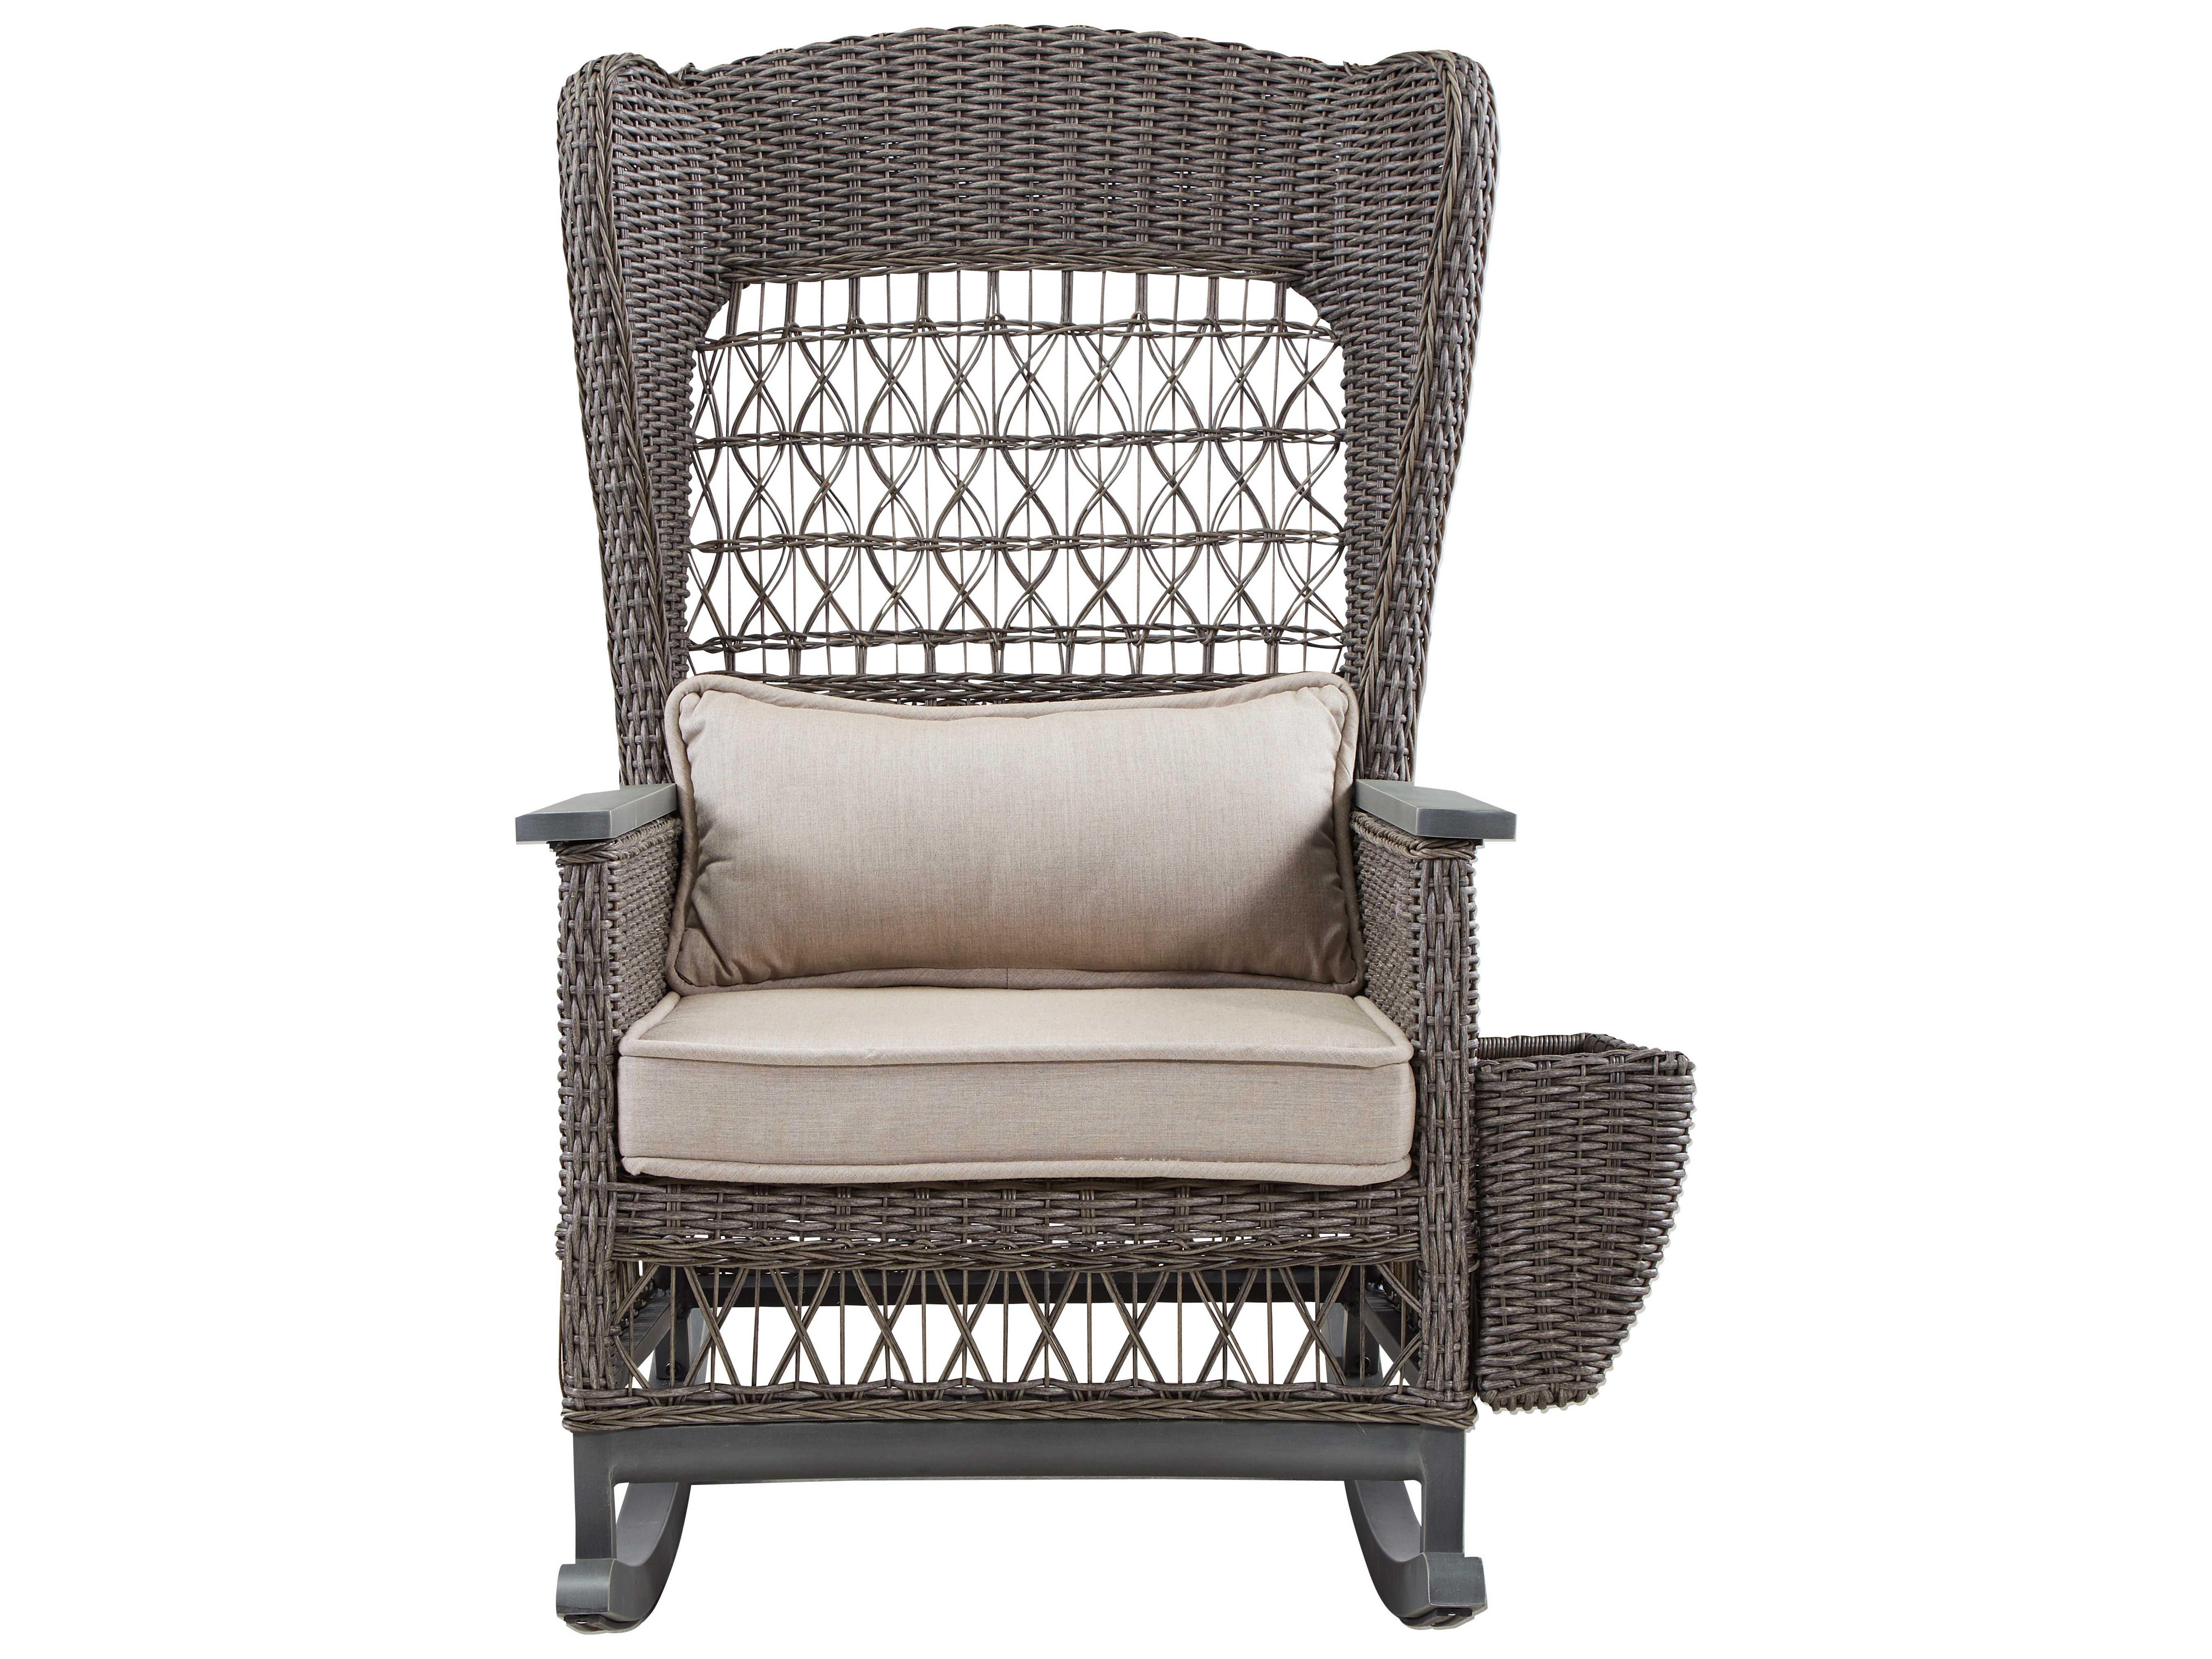 Paula Deen Outdoor Dogwood Wicker Rocker Chair with Lumbar Pillow